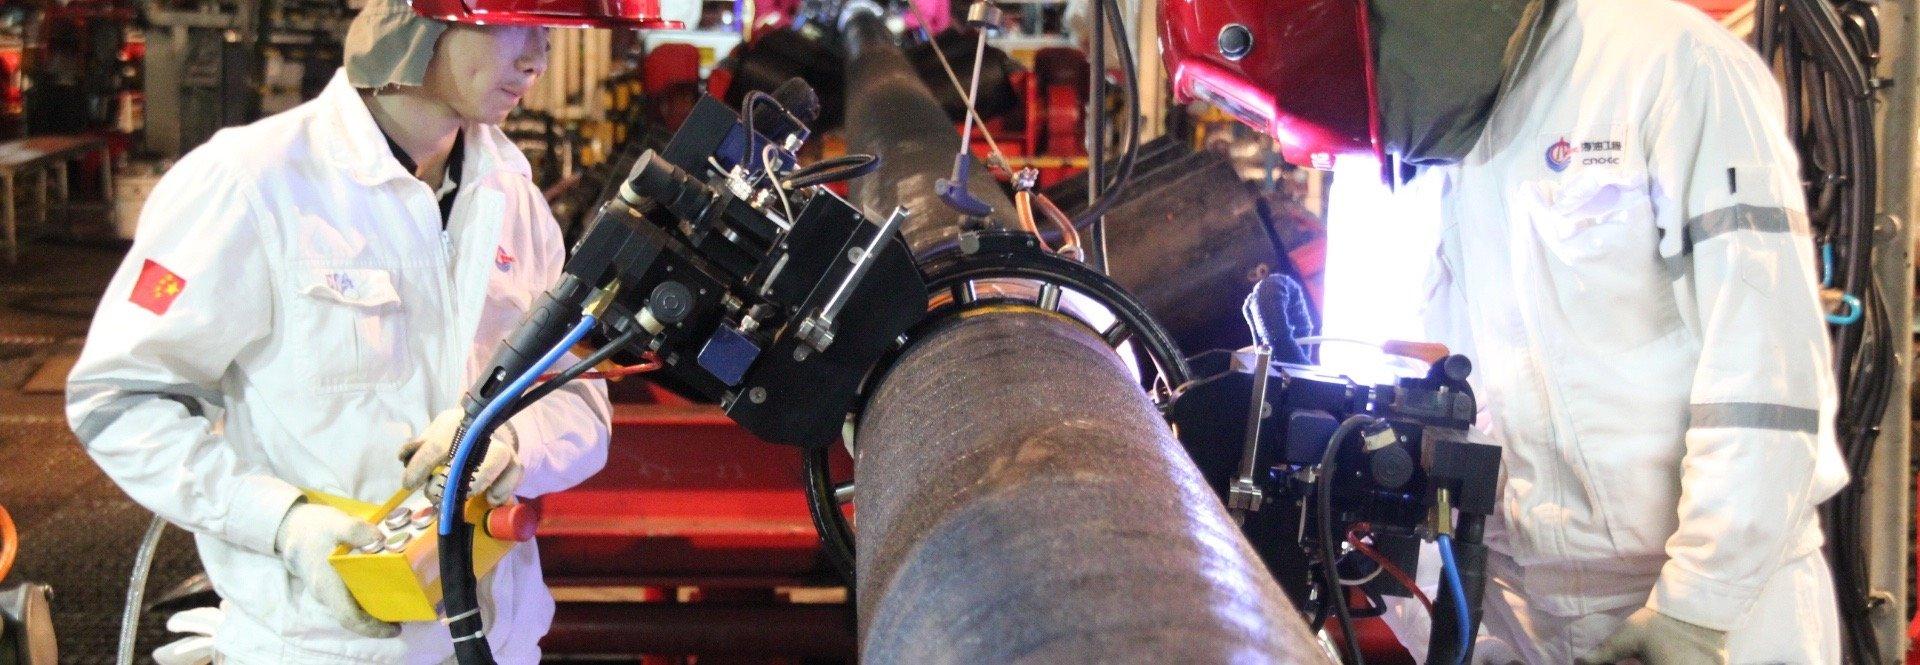 Pipe Welding, Orbital Welding, Orbitalschweißen, Rohrschweißung